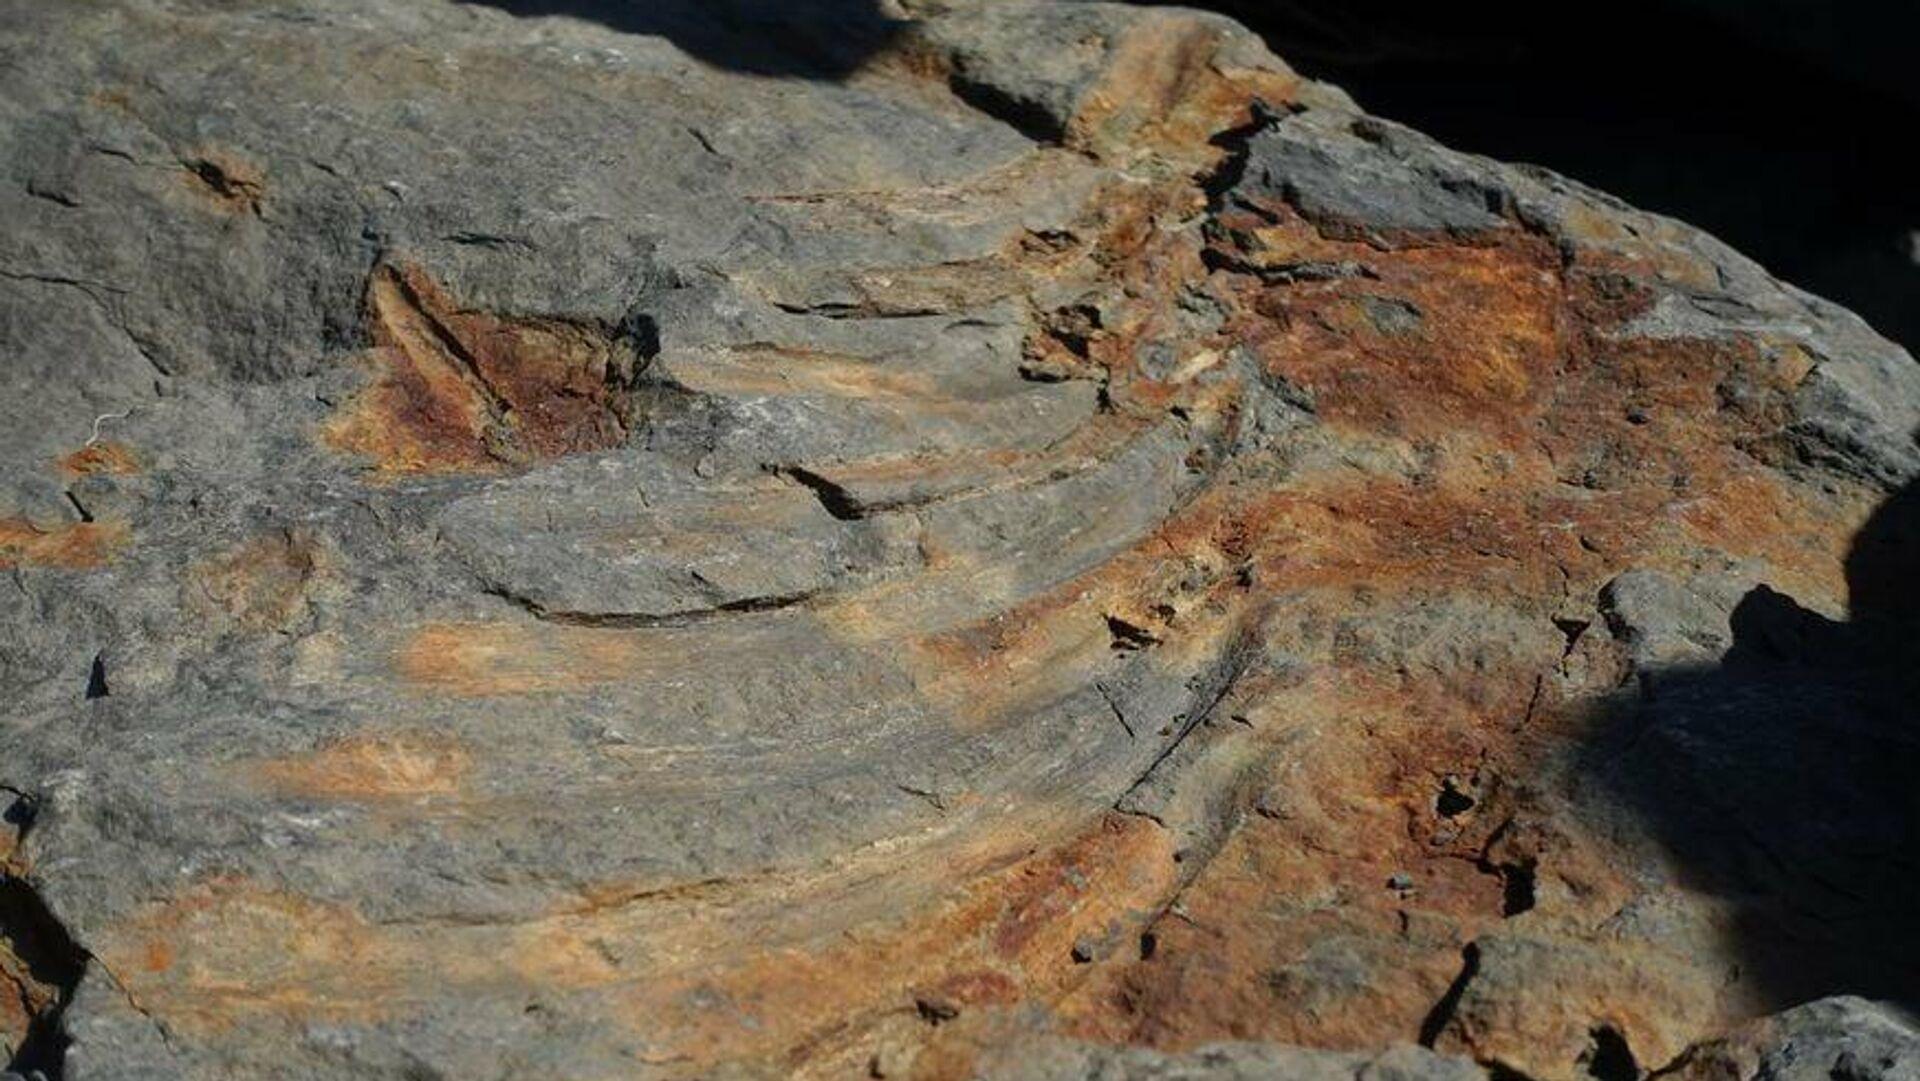 Останки ихтиозавра, найденные в породе на берегу на острове Русском - РИА Новости, 1920, 28.10.2020